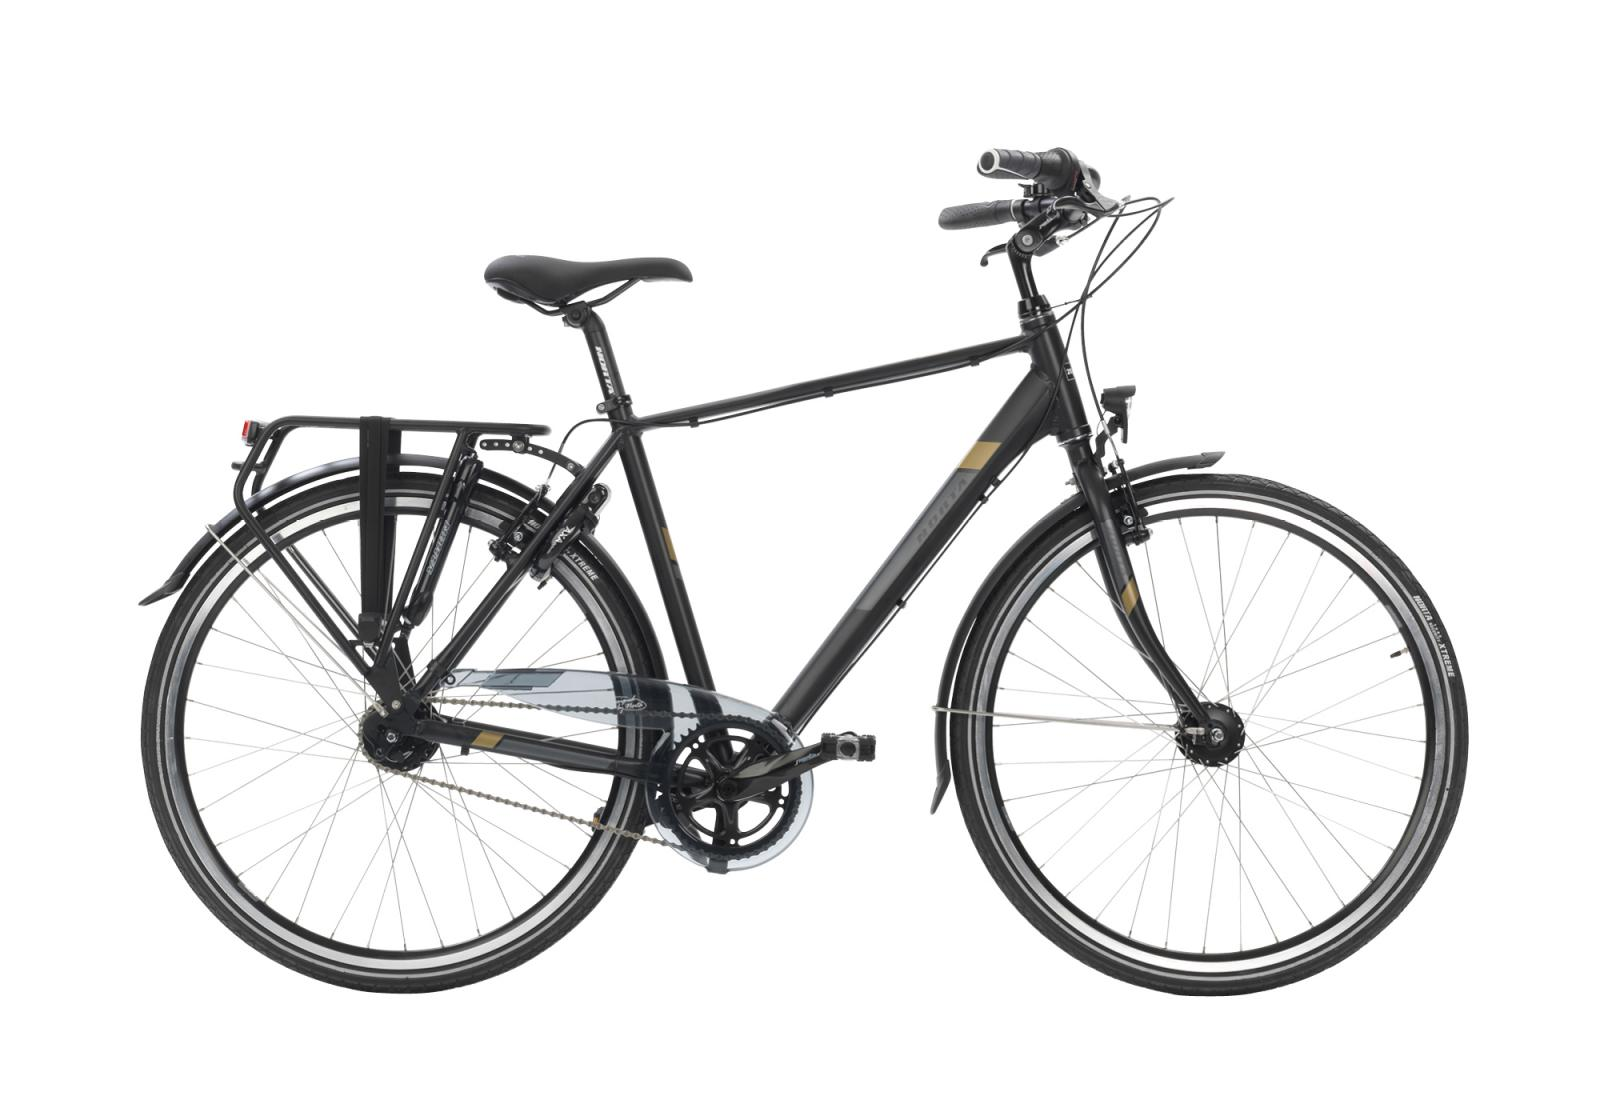 Norta-A20-All-Bikes-Putte-Ludwig-Wynants-racefietsen-elektrische-fietsen-mountainbikes-koersfiets-kopen-herstellingen